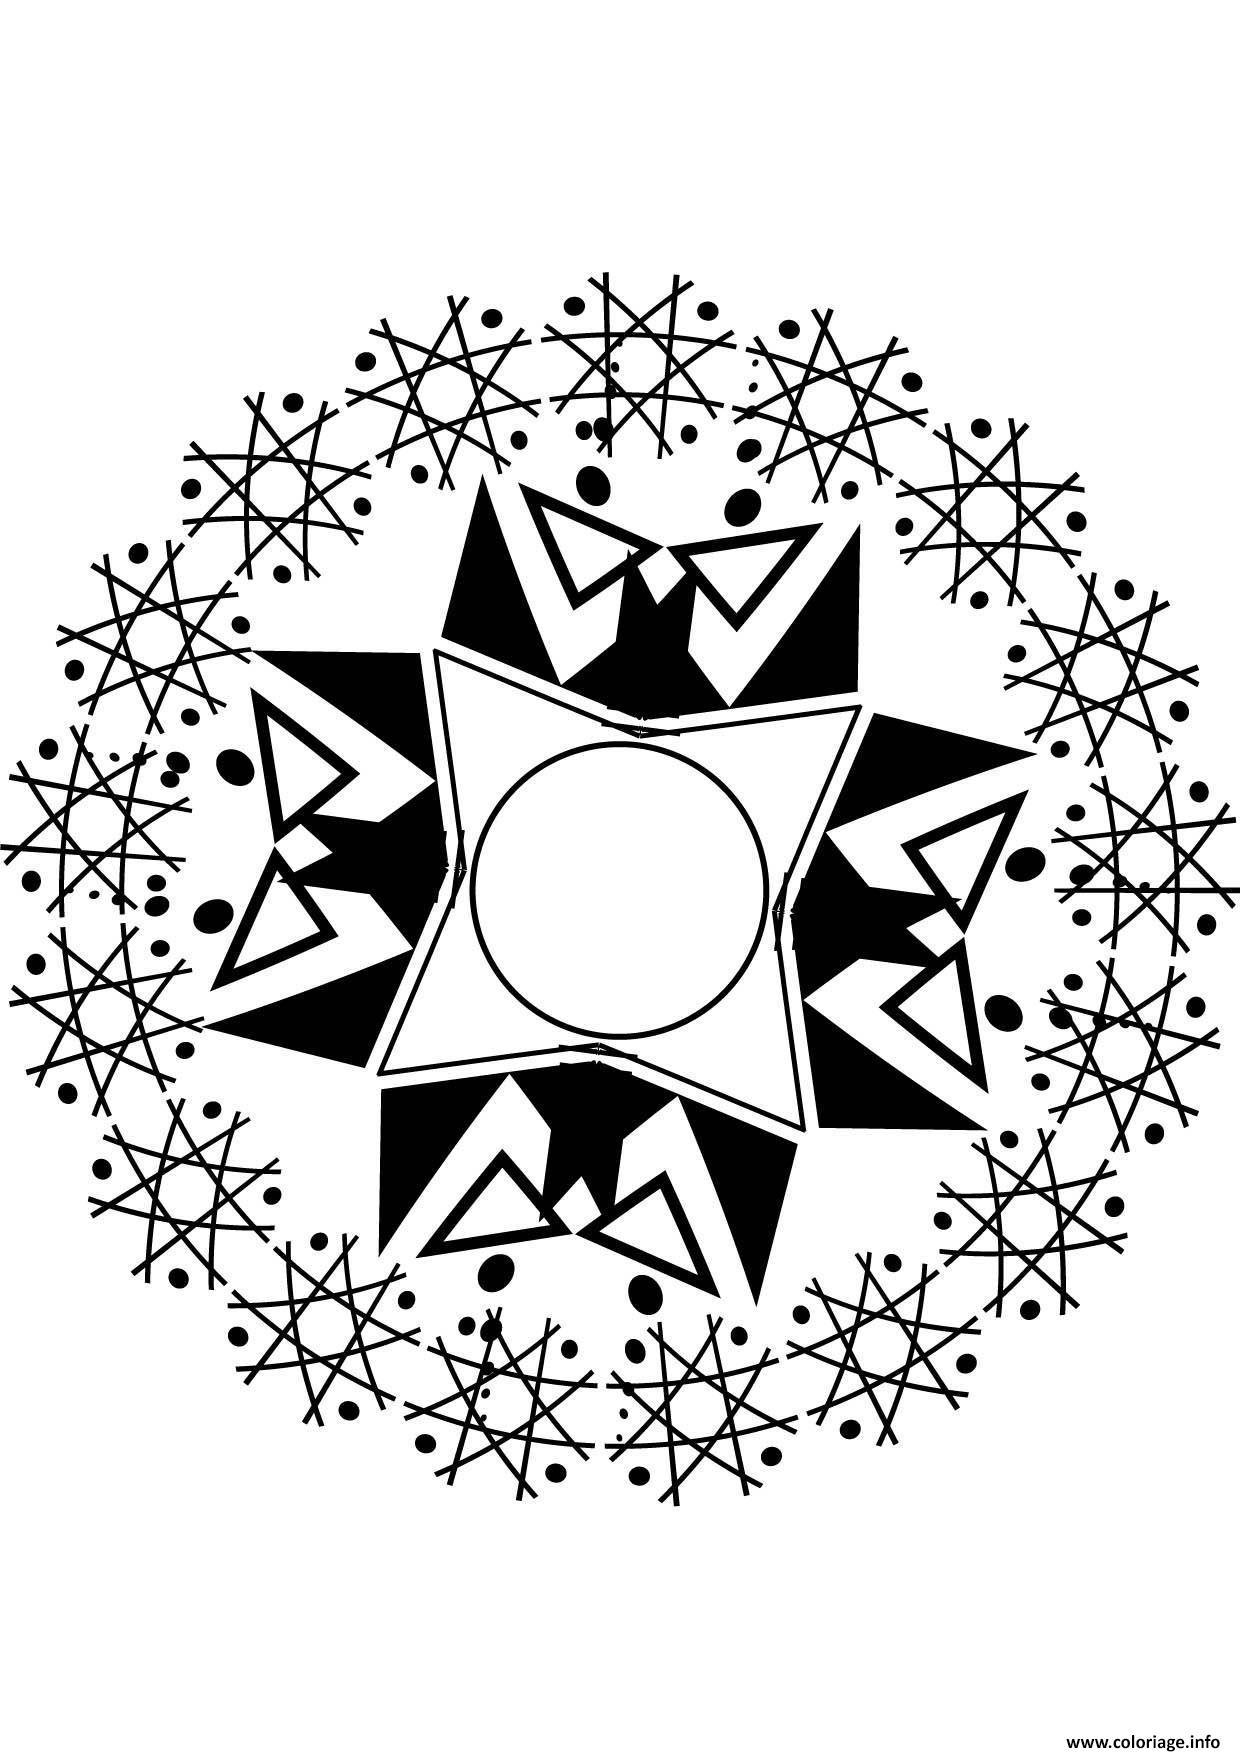 Coloriage Mandala Etoile dessin